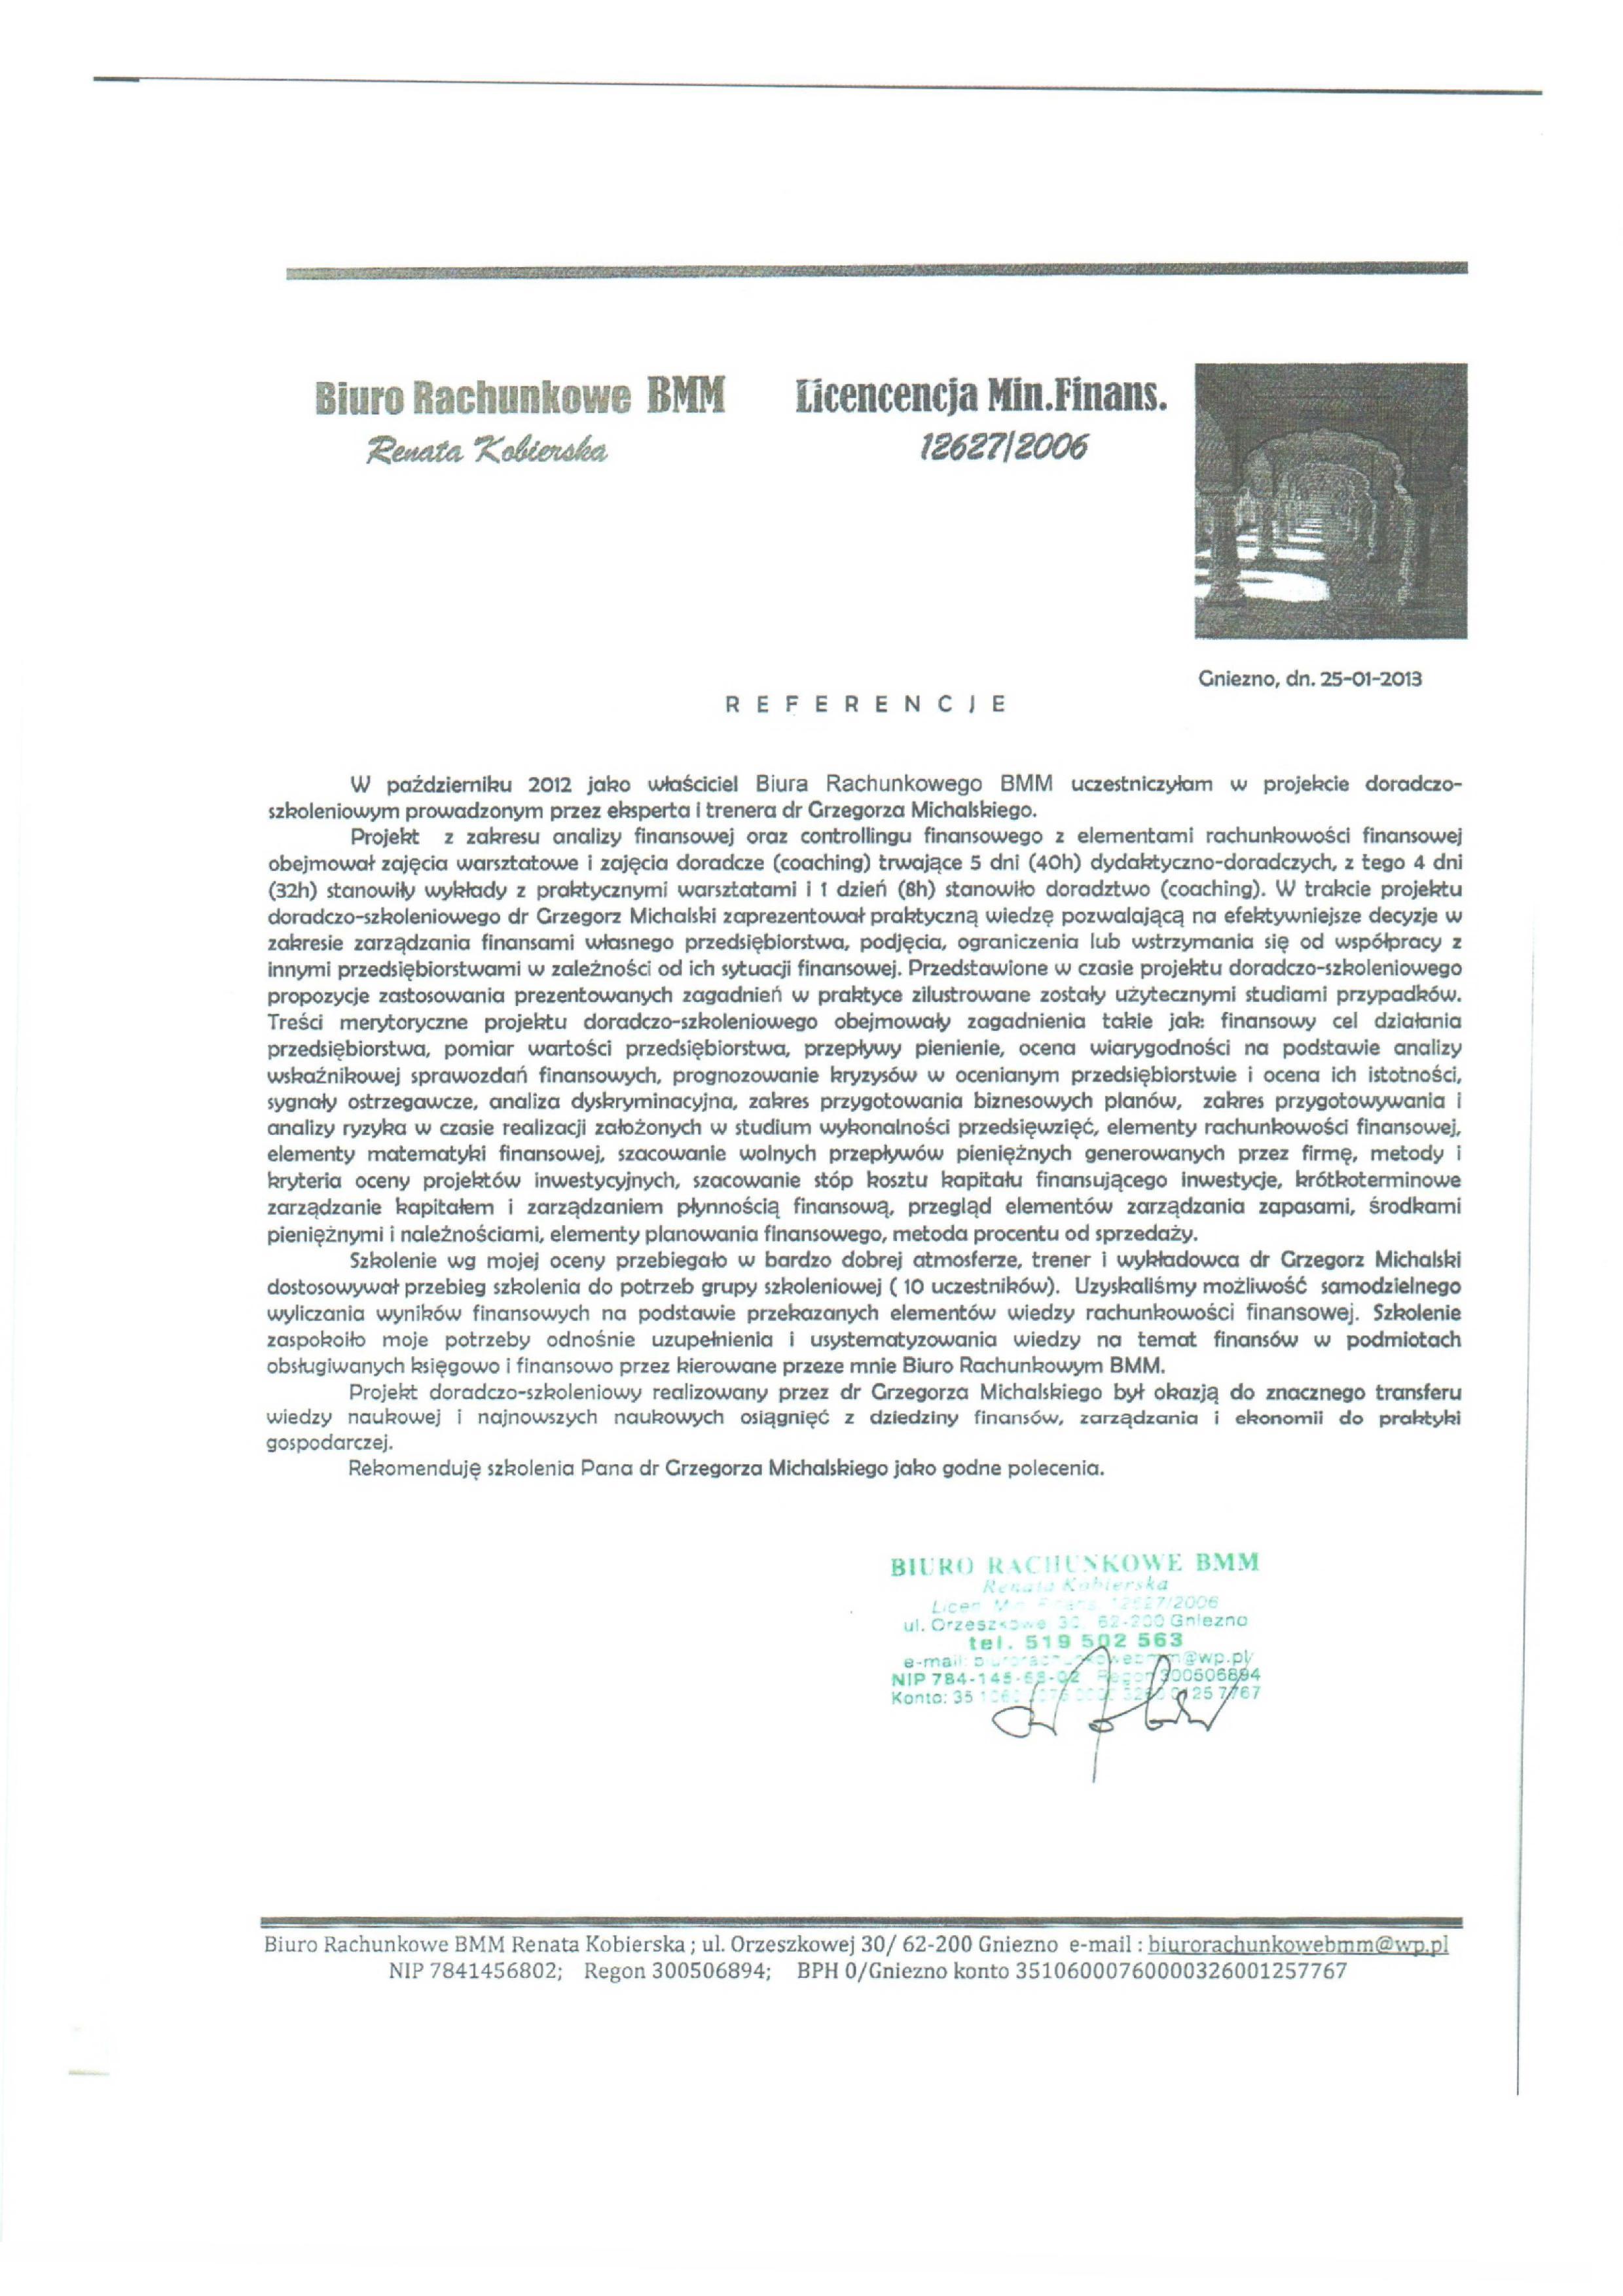 Referencje-michalski-grzegorz-Controlling-Finansowy-CFX2012PoznanBMM.jpg?=szkolenia